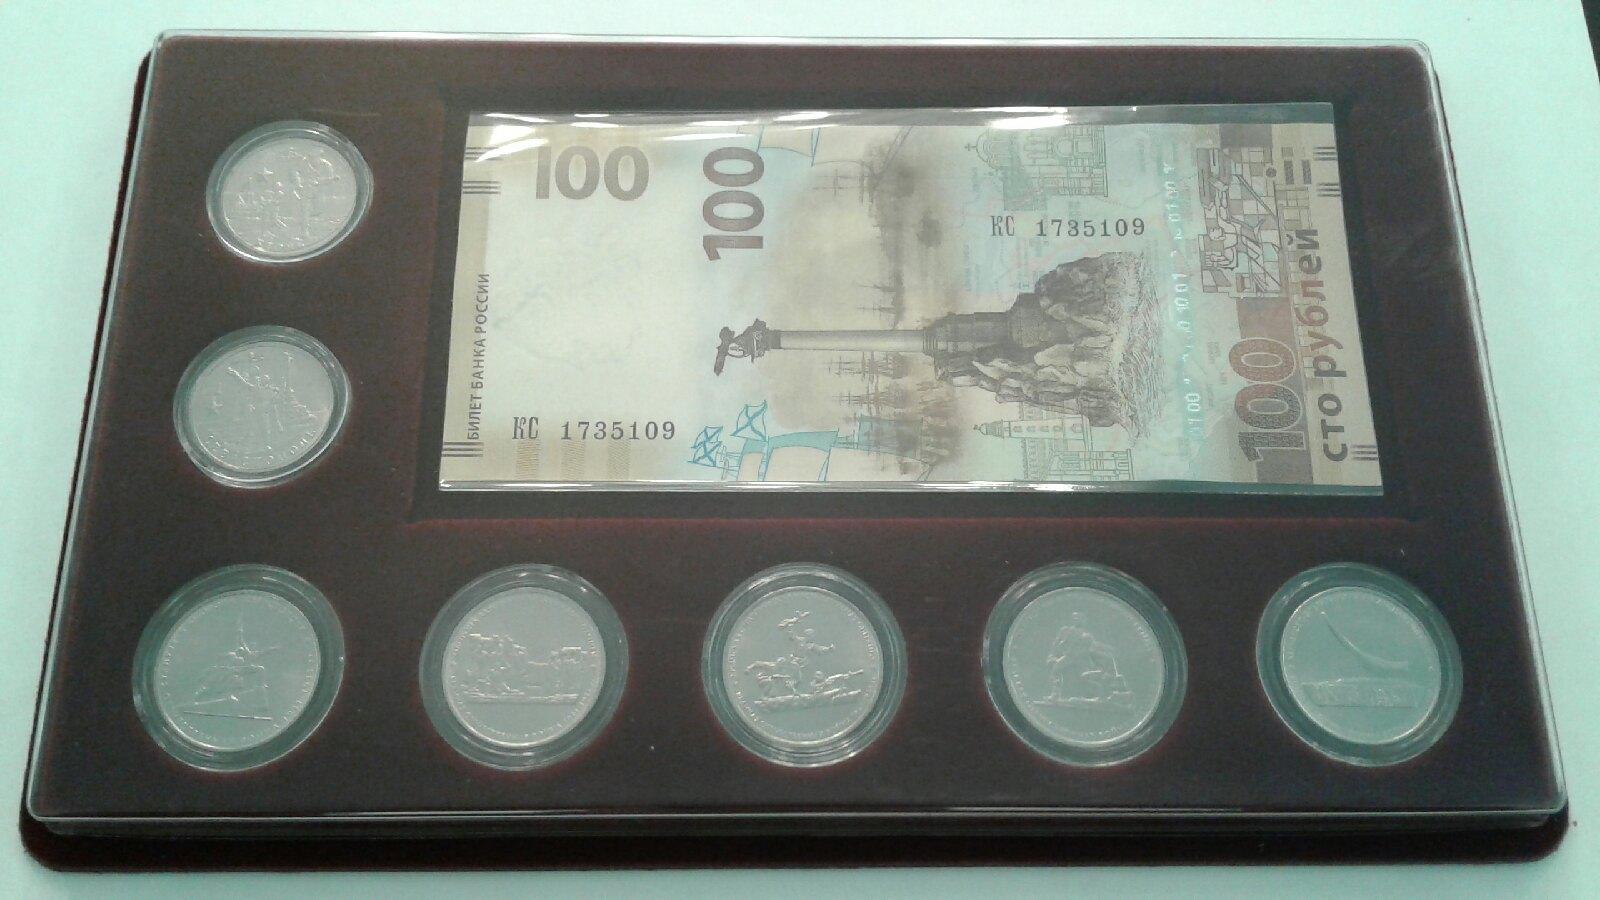 Набор монет в планшете посвященных Крыму (7 монет + банкнота).